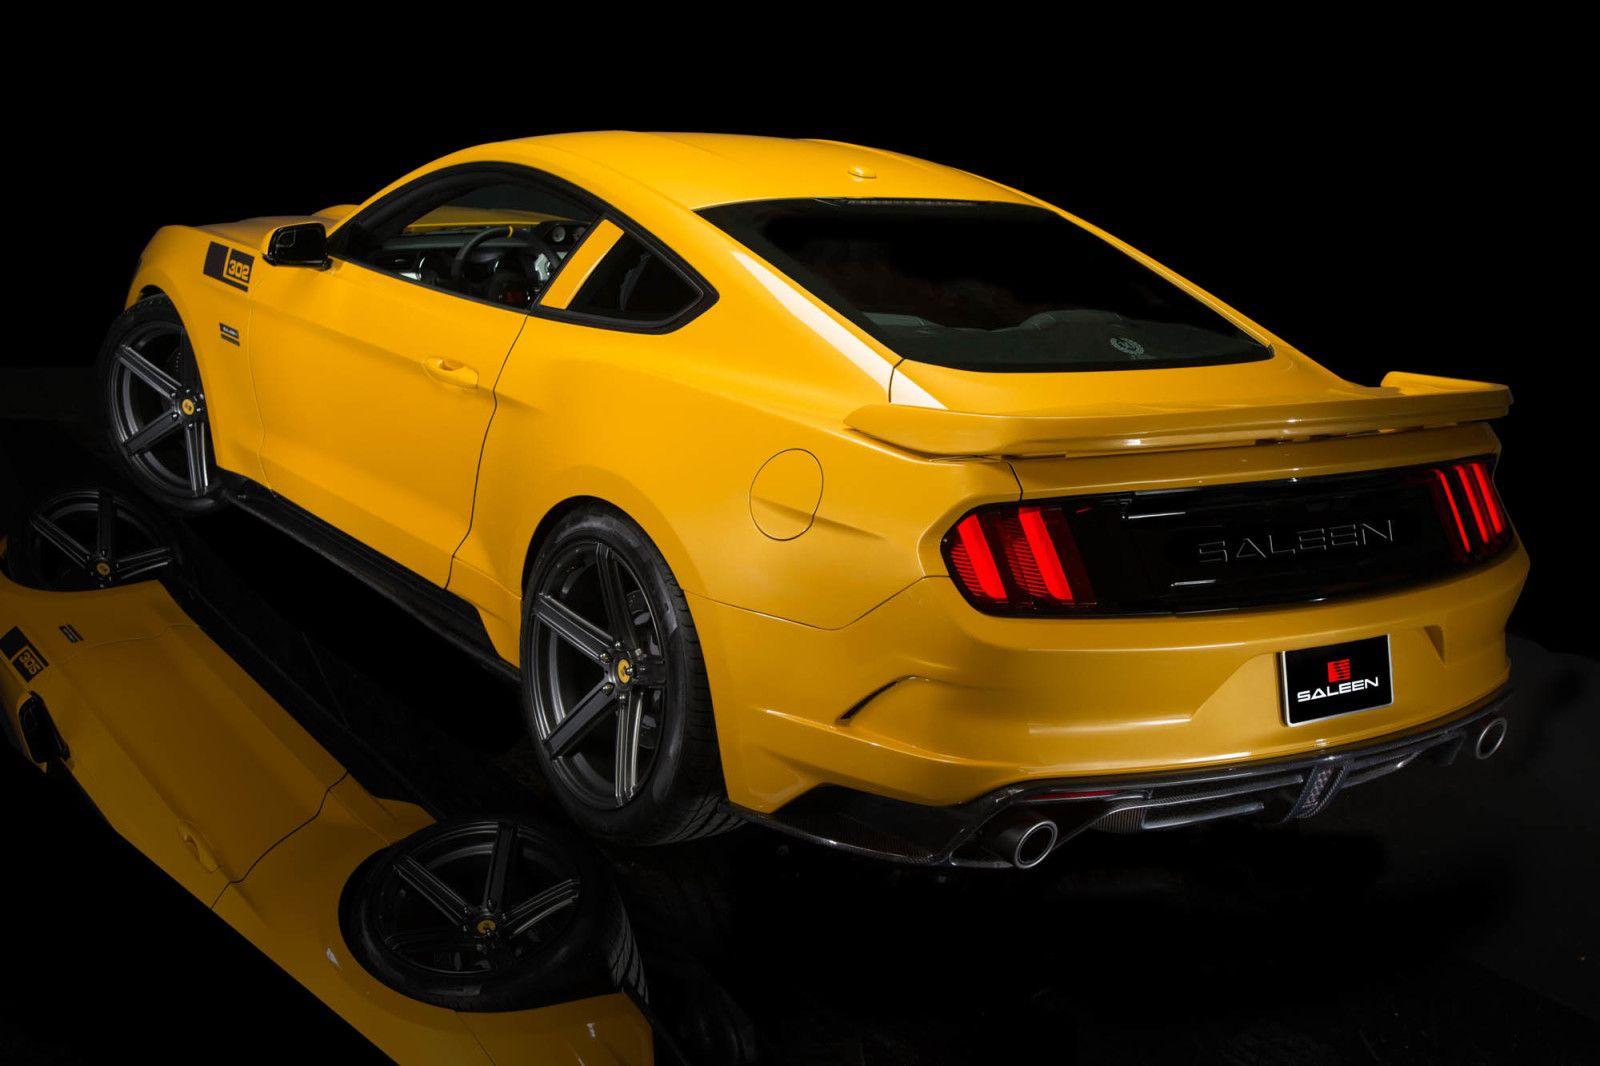 Saleen 302 Black Label Mustang Makes 730 Hp Costs 73k Saleen Mustang Ford Mustang Mustang